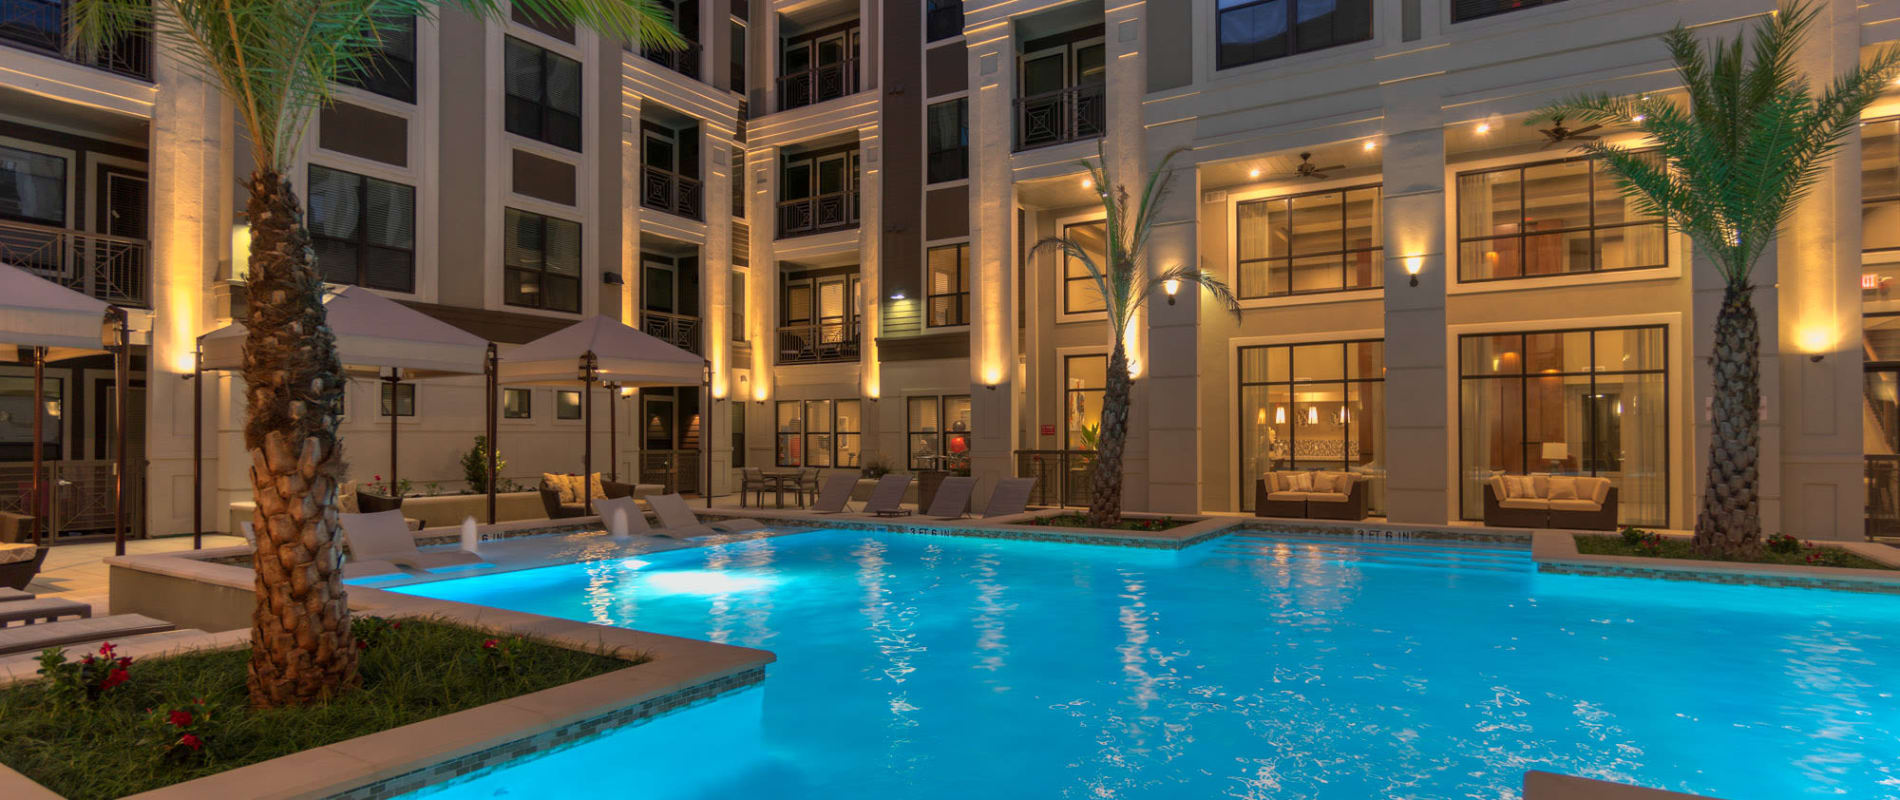 Downtown Houston, TX Apartments for Rent | The Hamilton ...